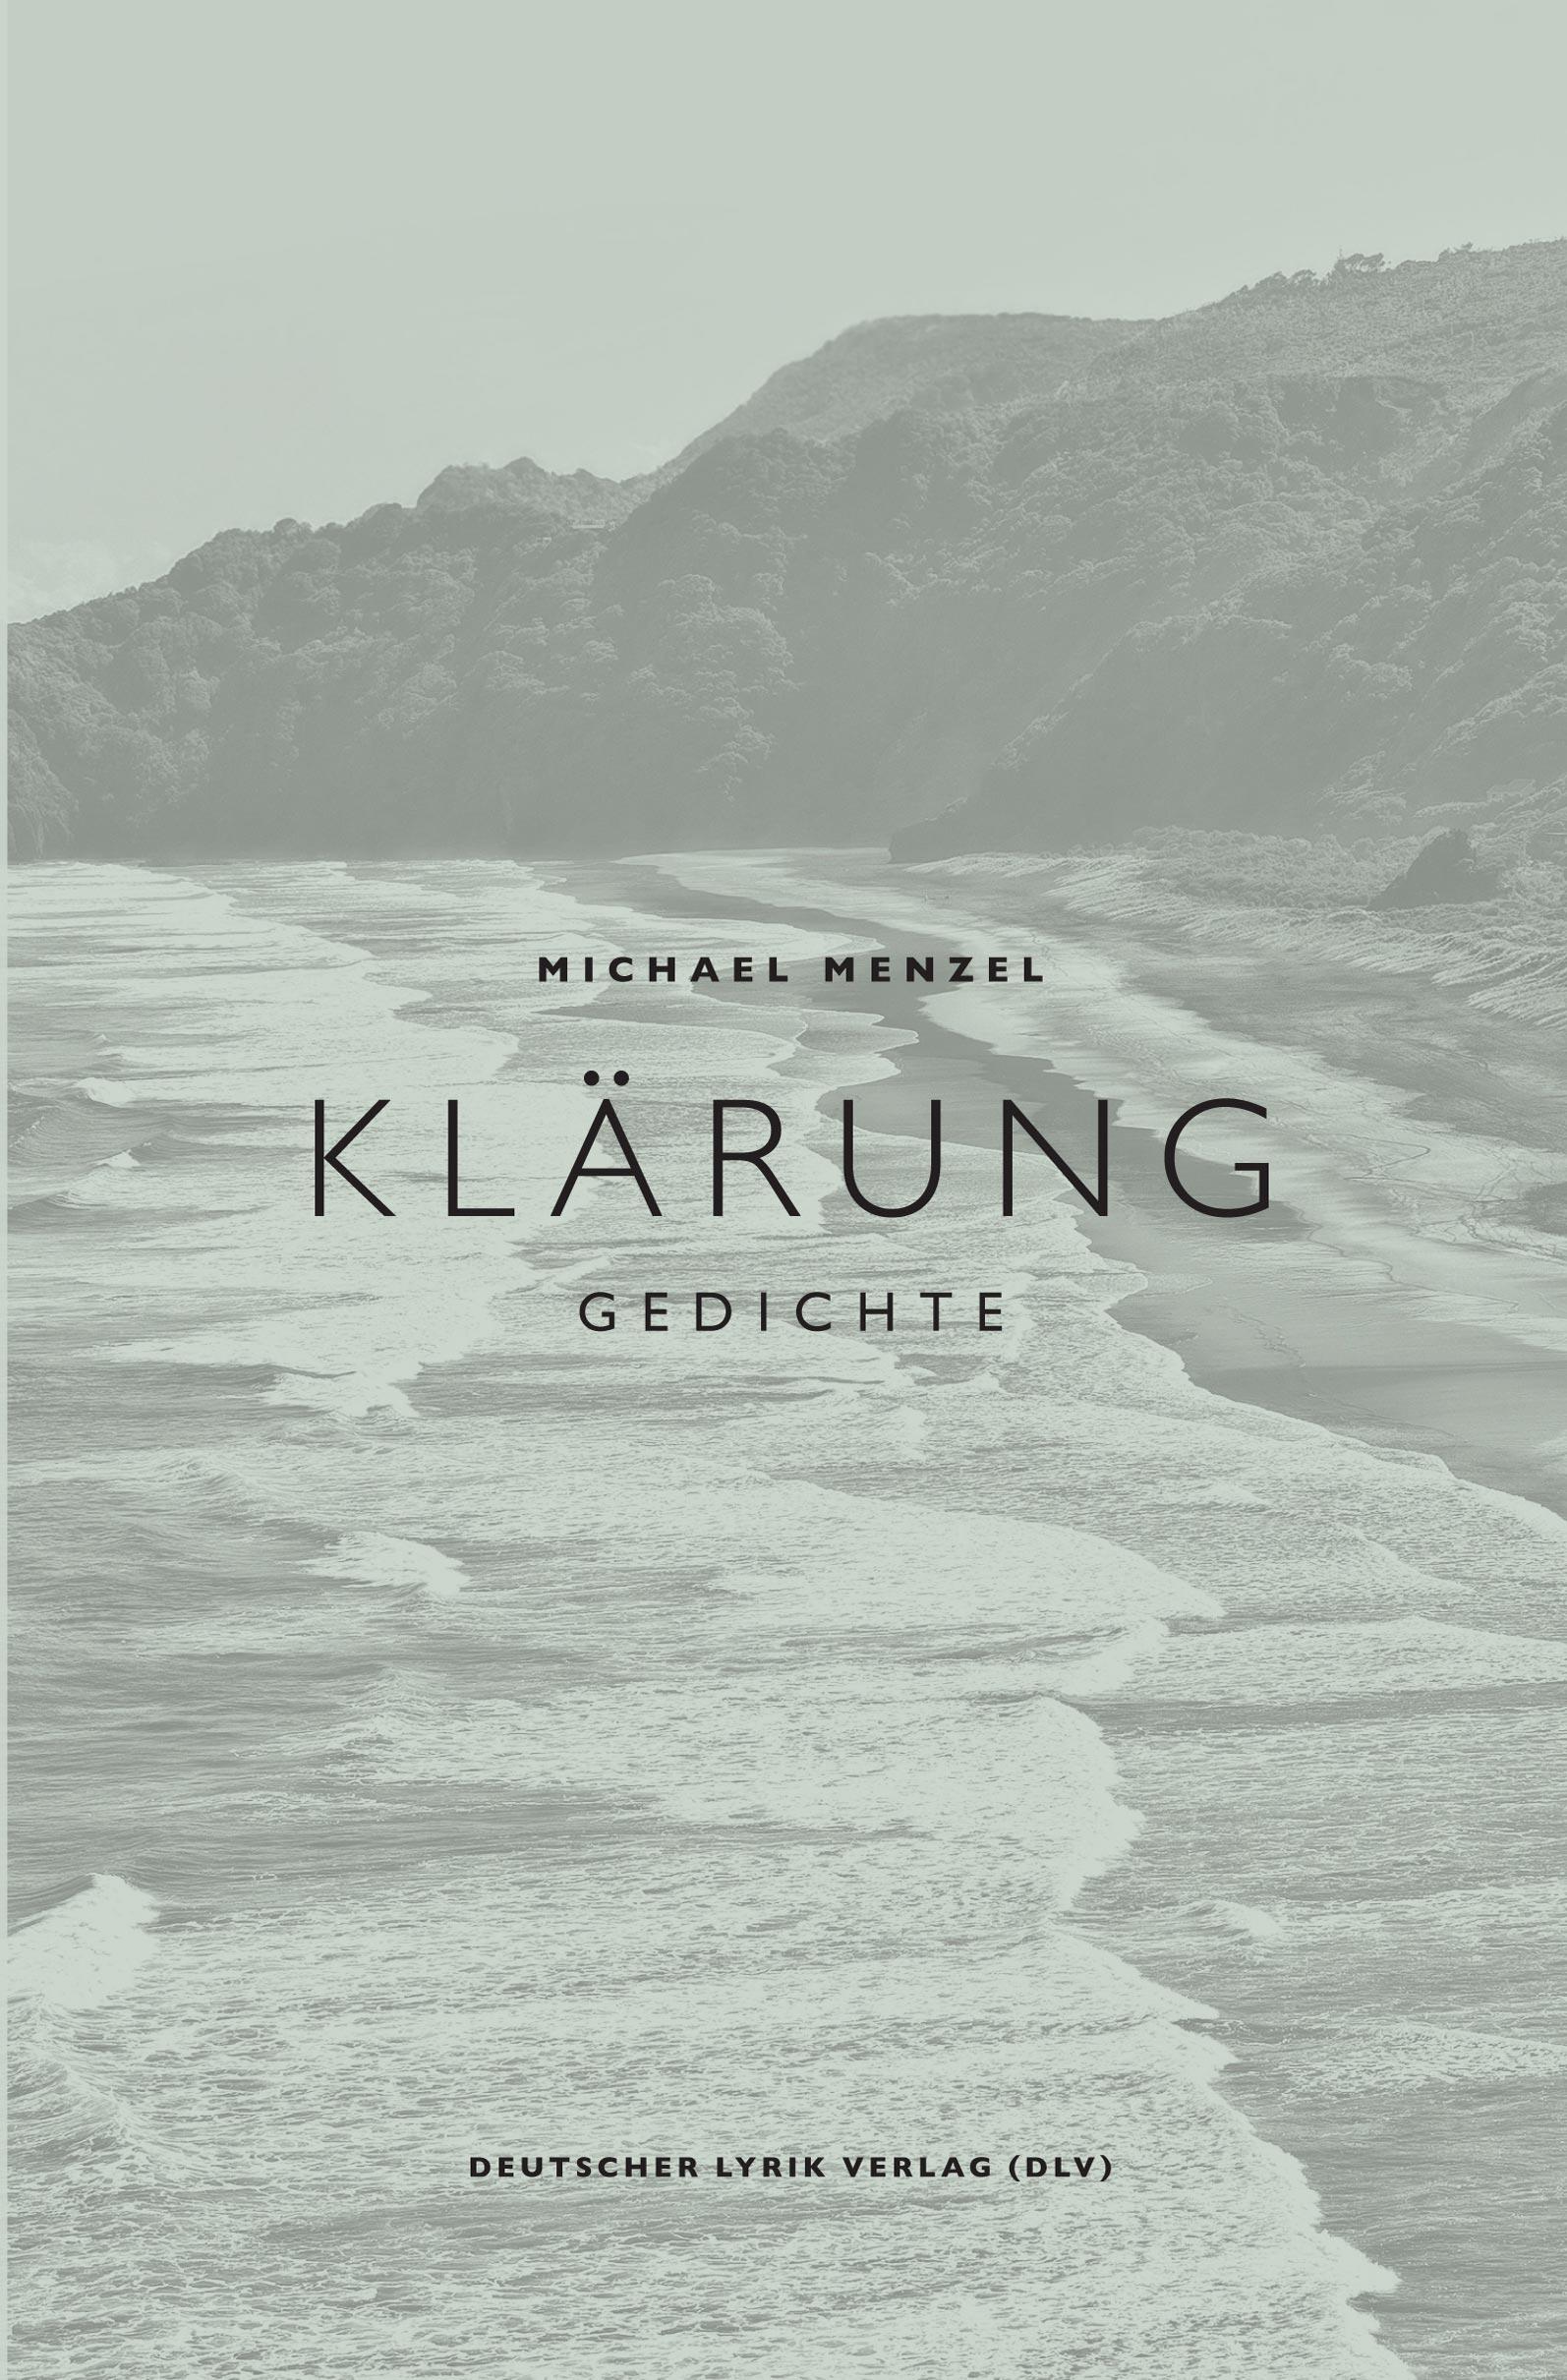 deutscher lyrik verlag, gedichte, lyrik